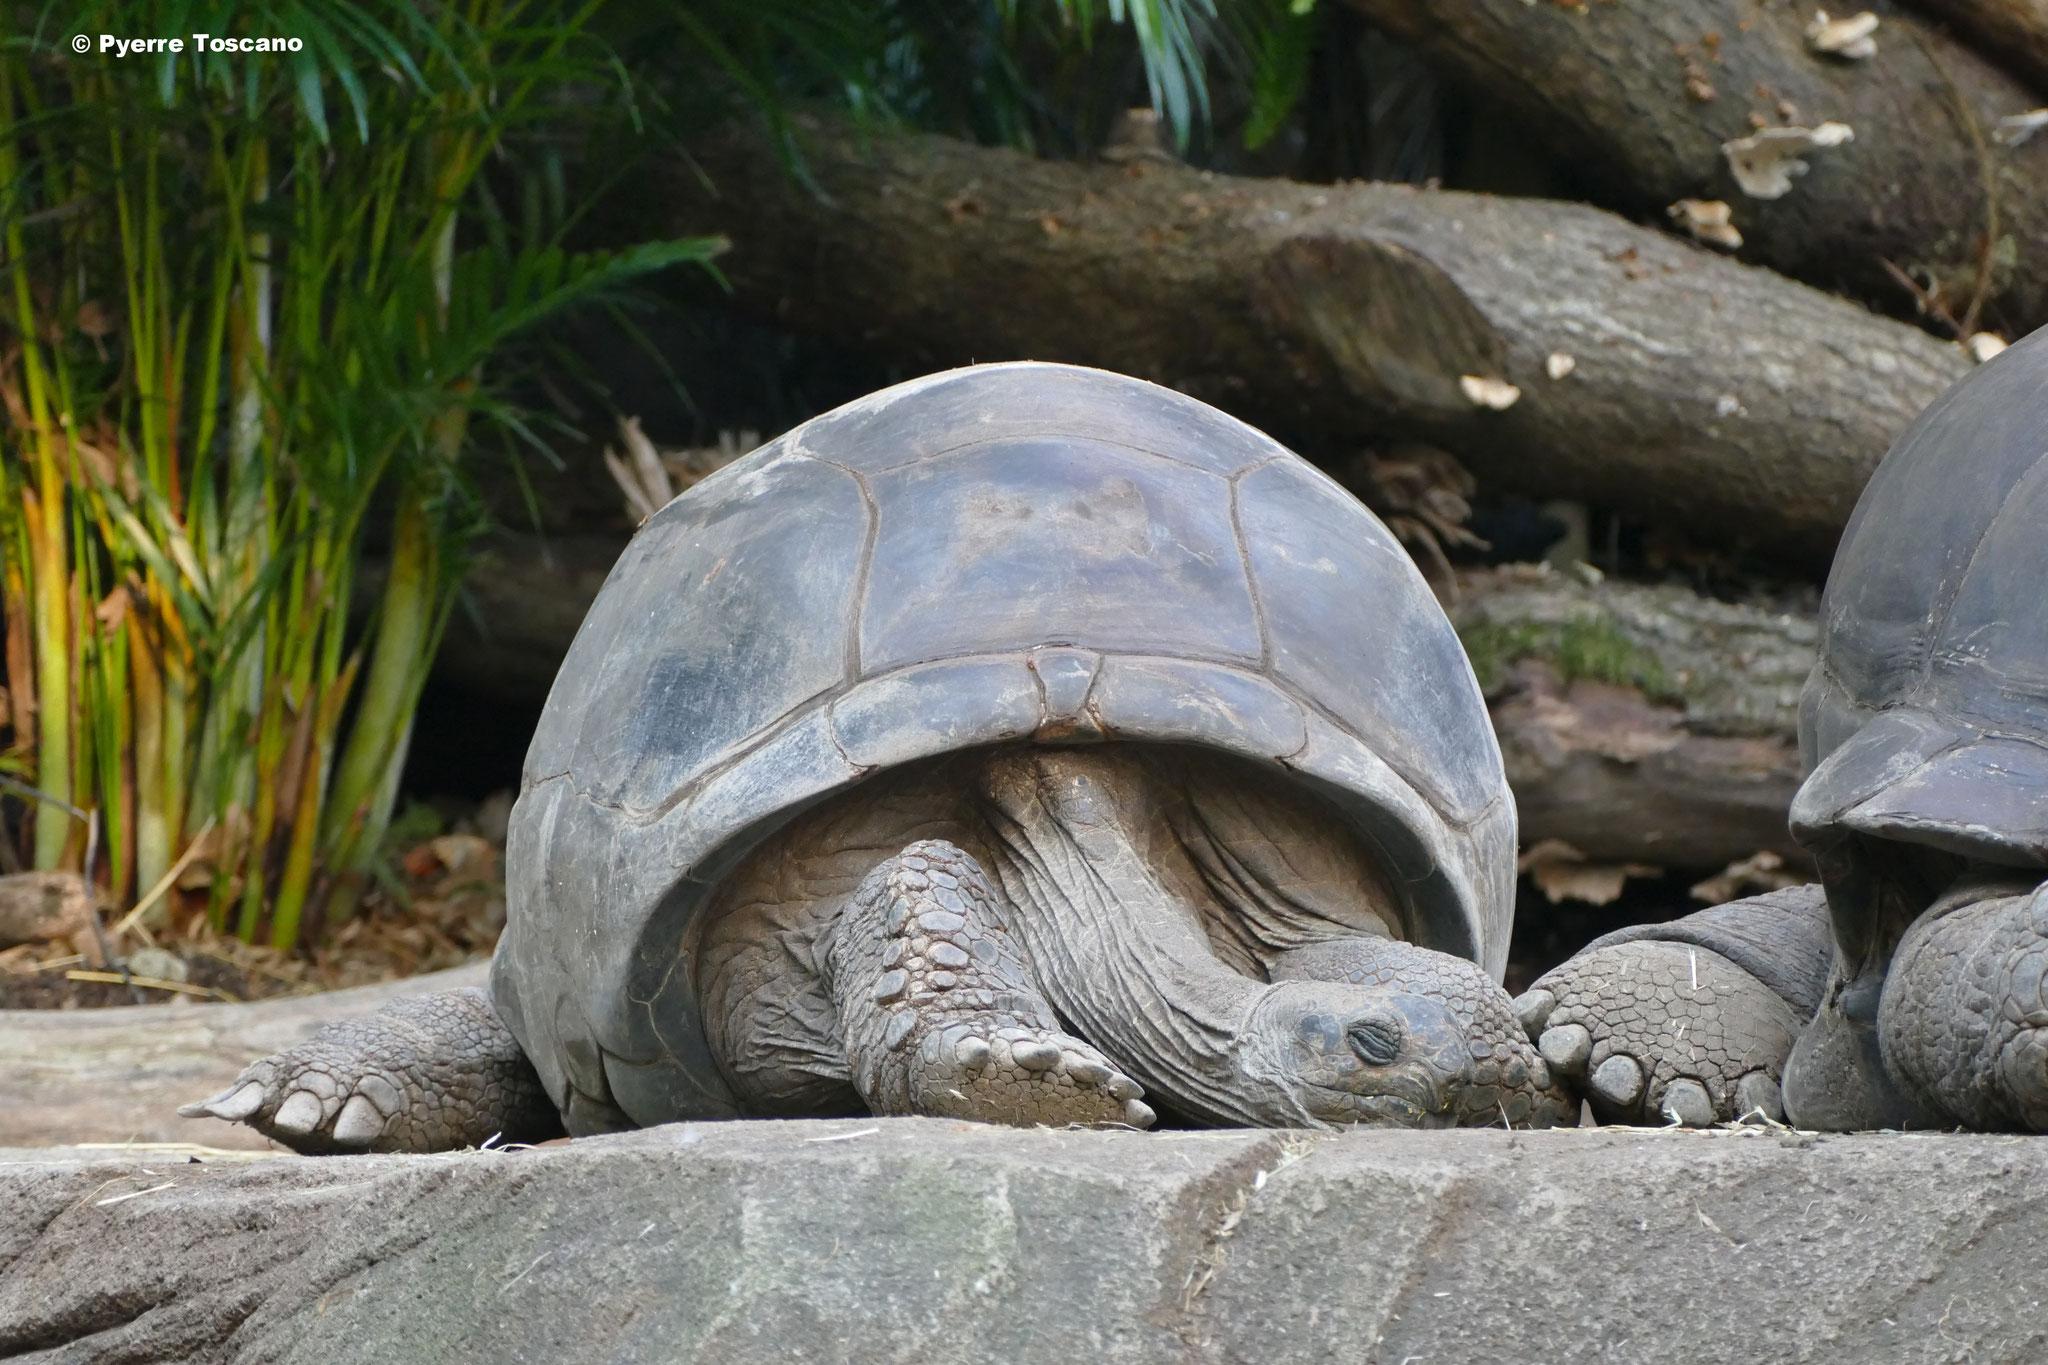 Aldabrachelys gigantea beim schlafen